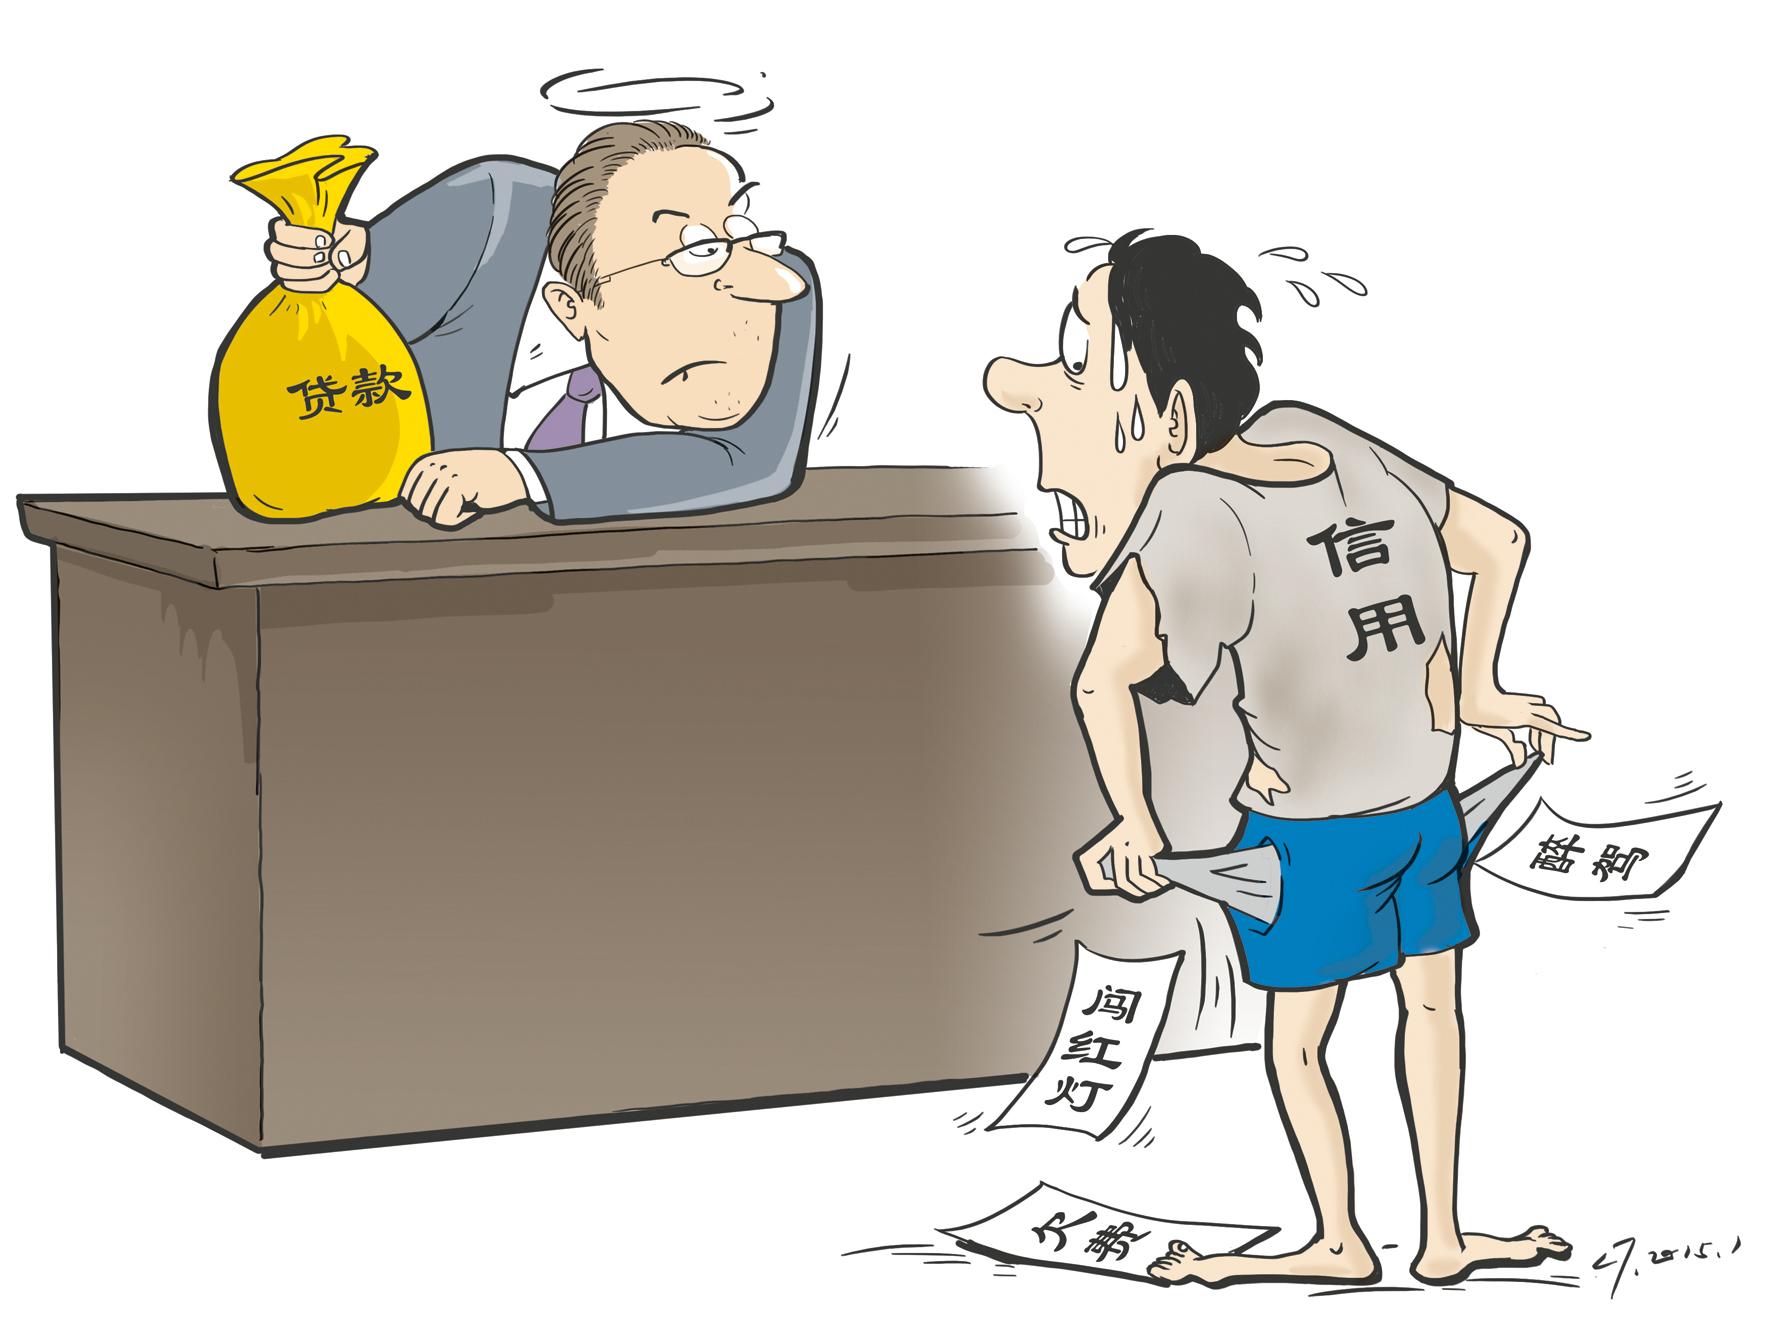 广州搭建信用平台 闯红灯醉驾等将影响贷款